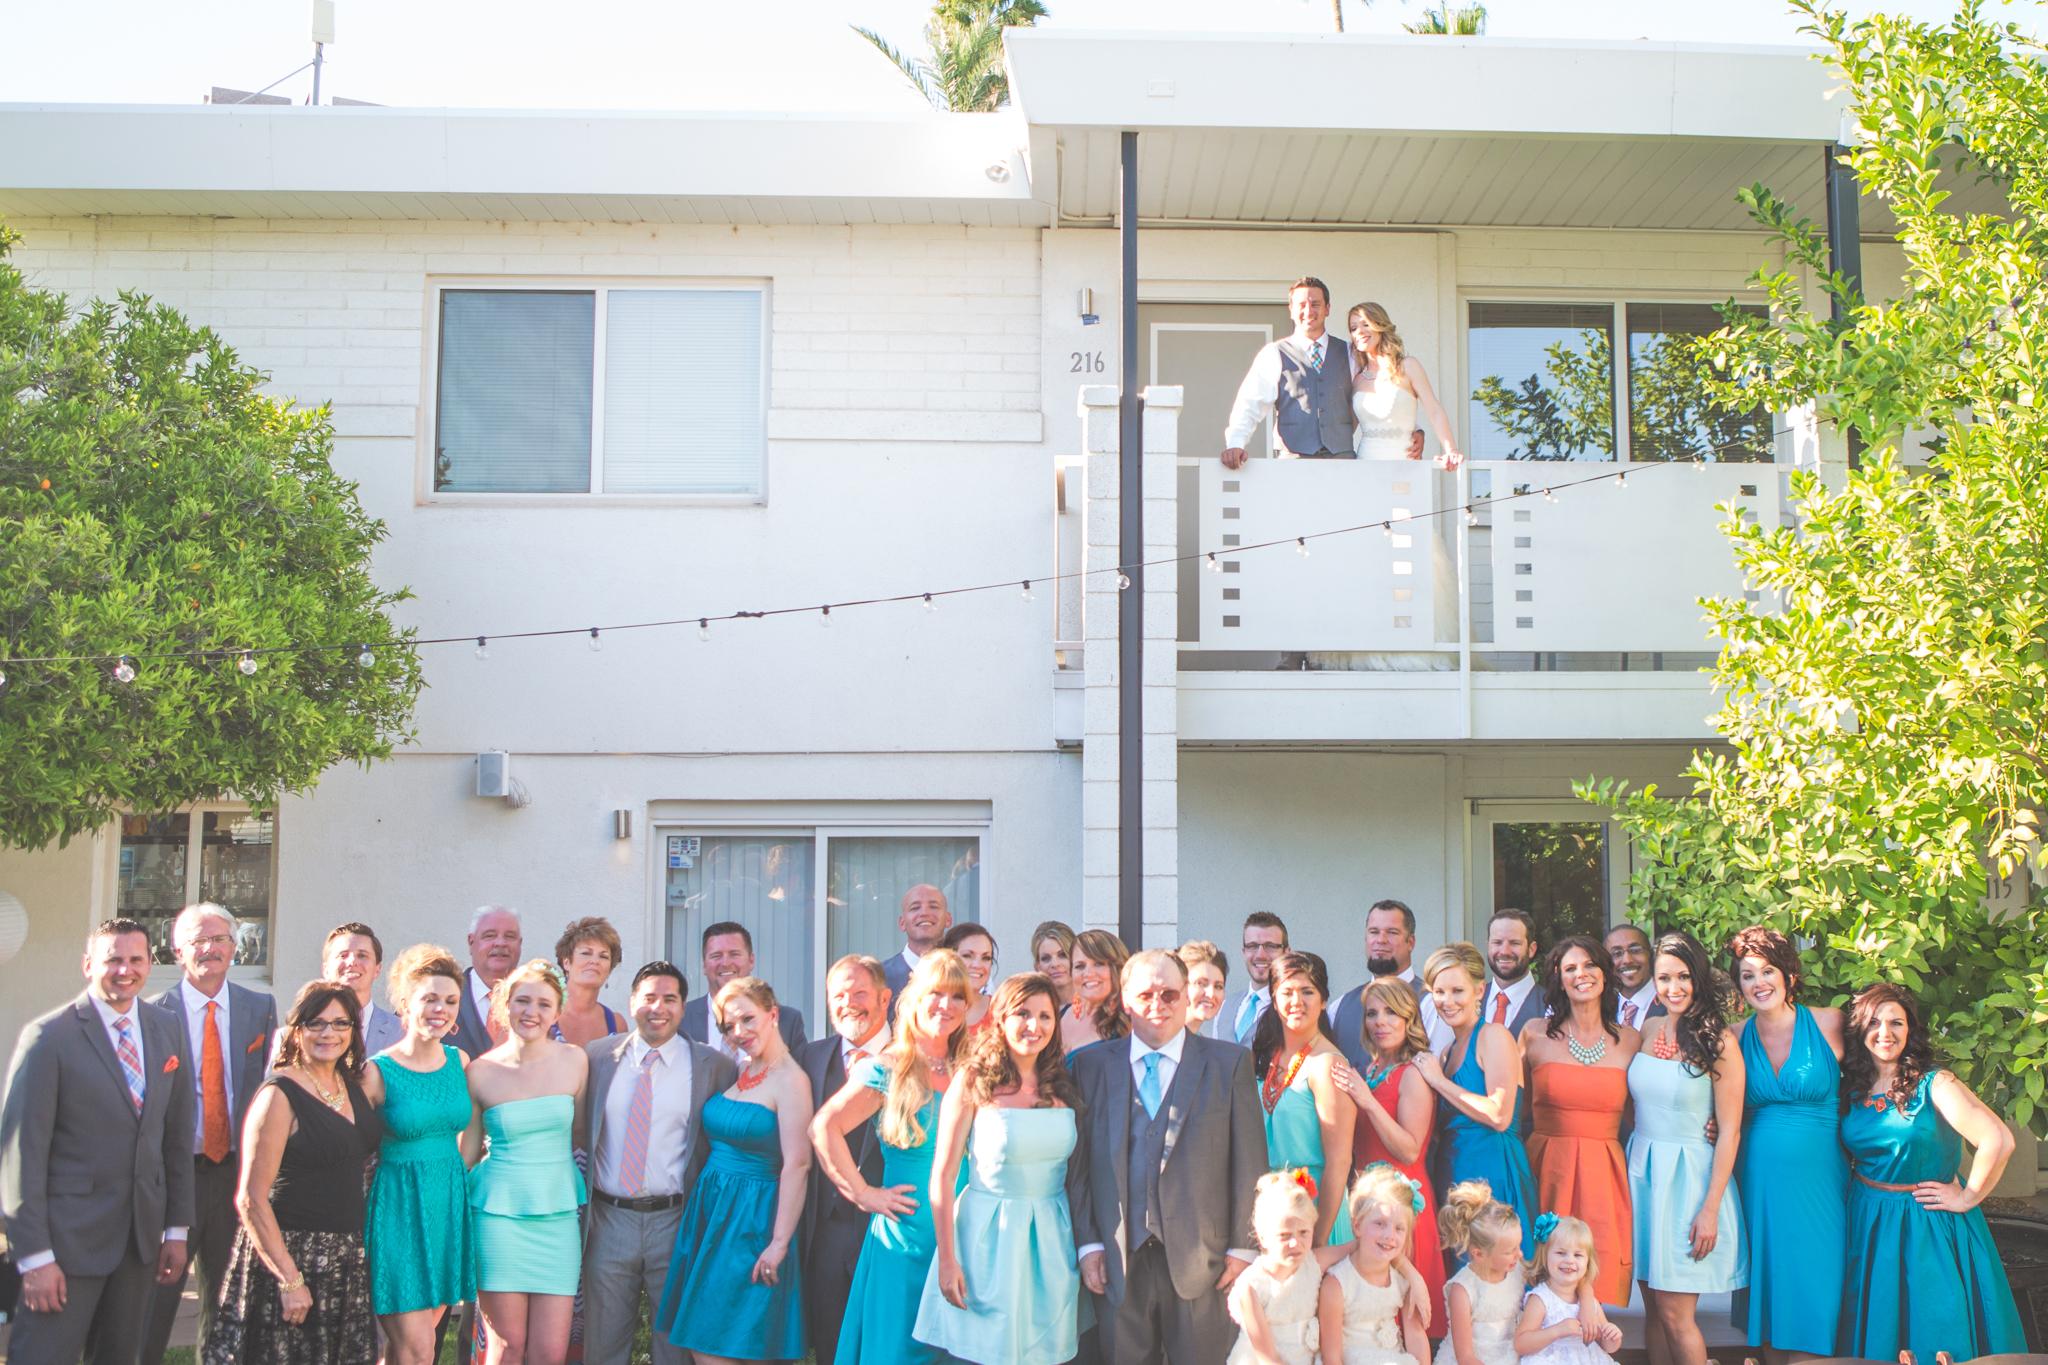 scottsdale-wedding-photographer-el-dorado--epic-bridal-family-group-shot